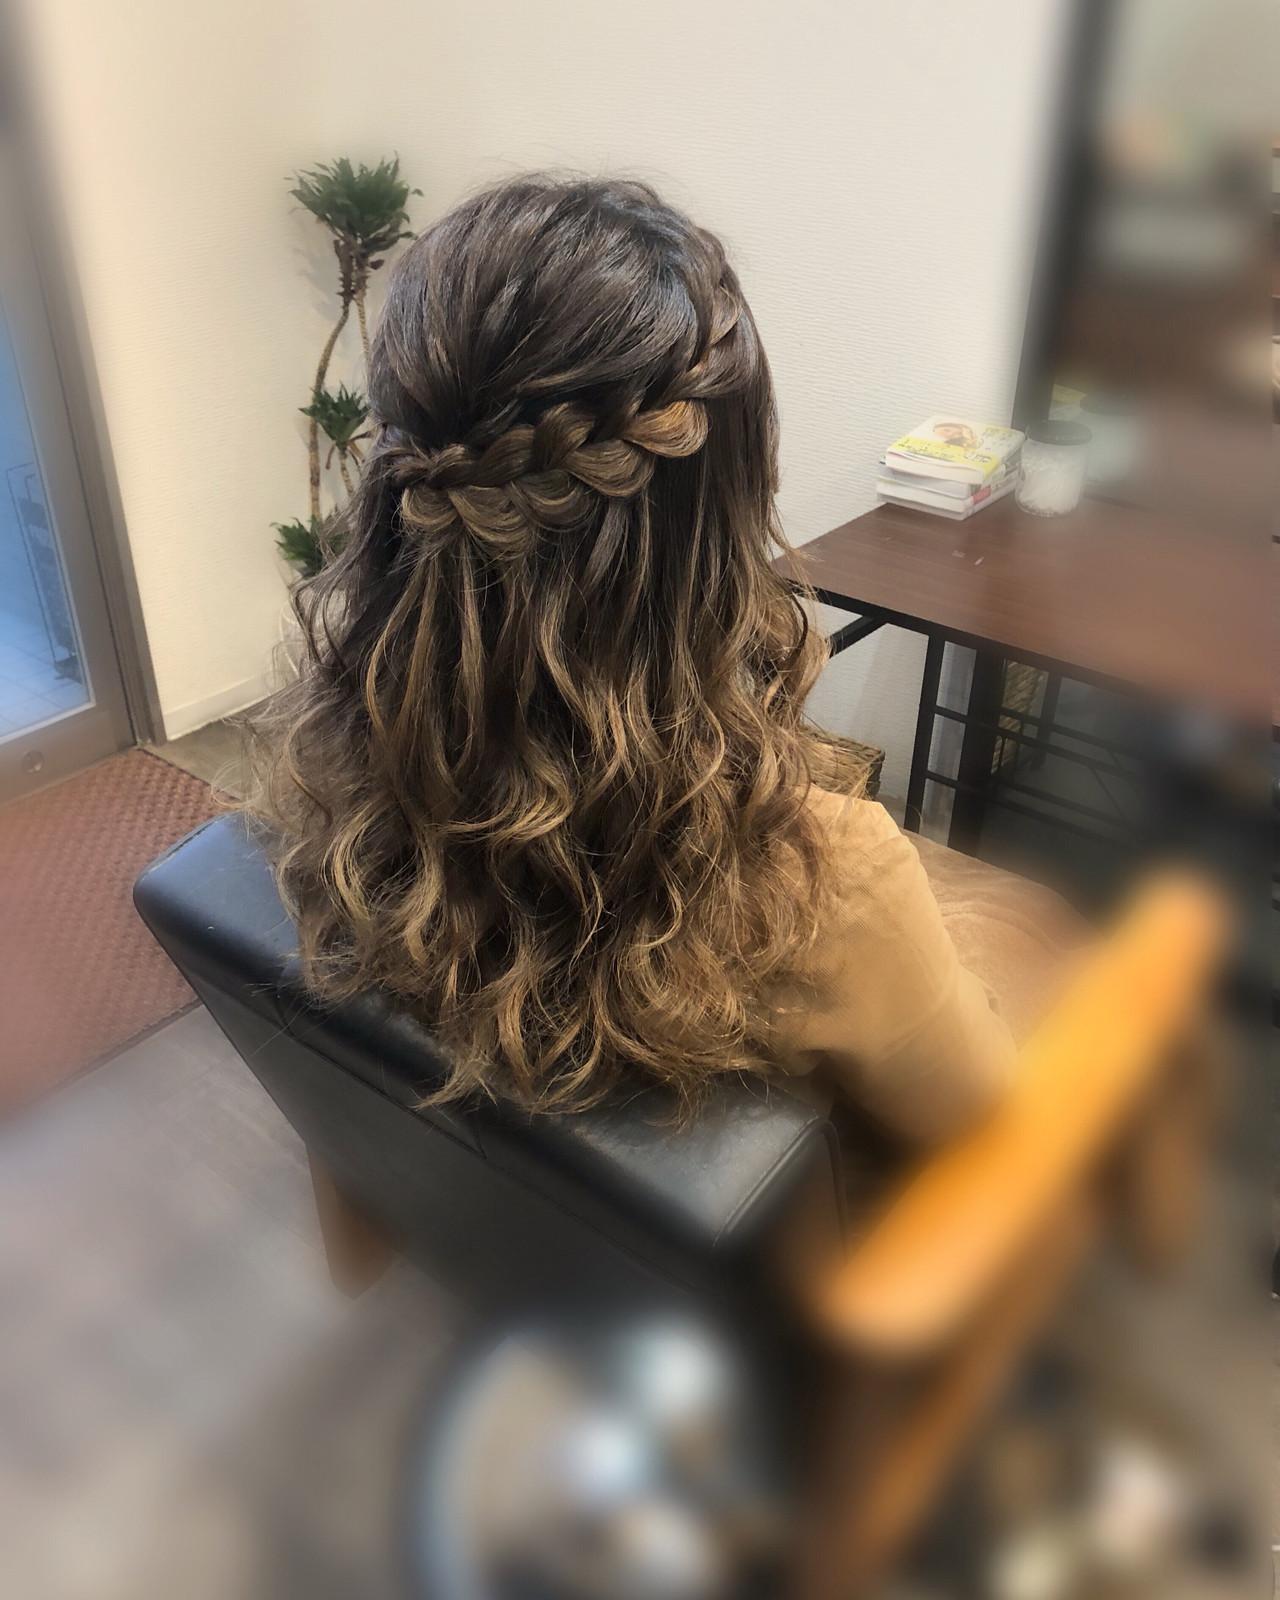 ロング 編み込み ハーフアップ ガーリー ヘアスタイルや髪型の写真・画像